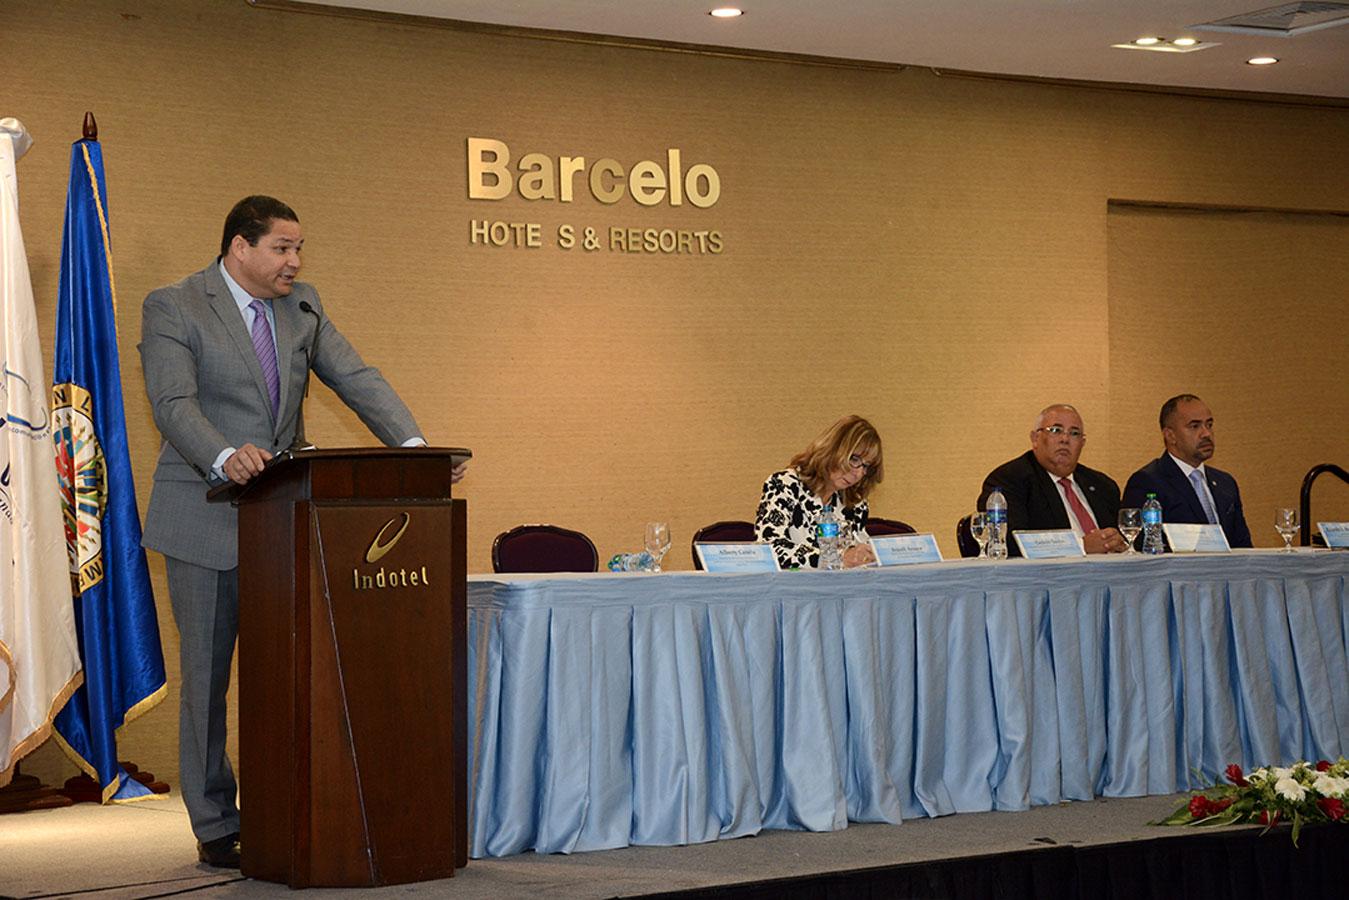 Gedeón Santos ofrece declaraciones durante el acto de presentación de la estrategia contra las delitos cibernéticos. / Gabriel Alcántara.